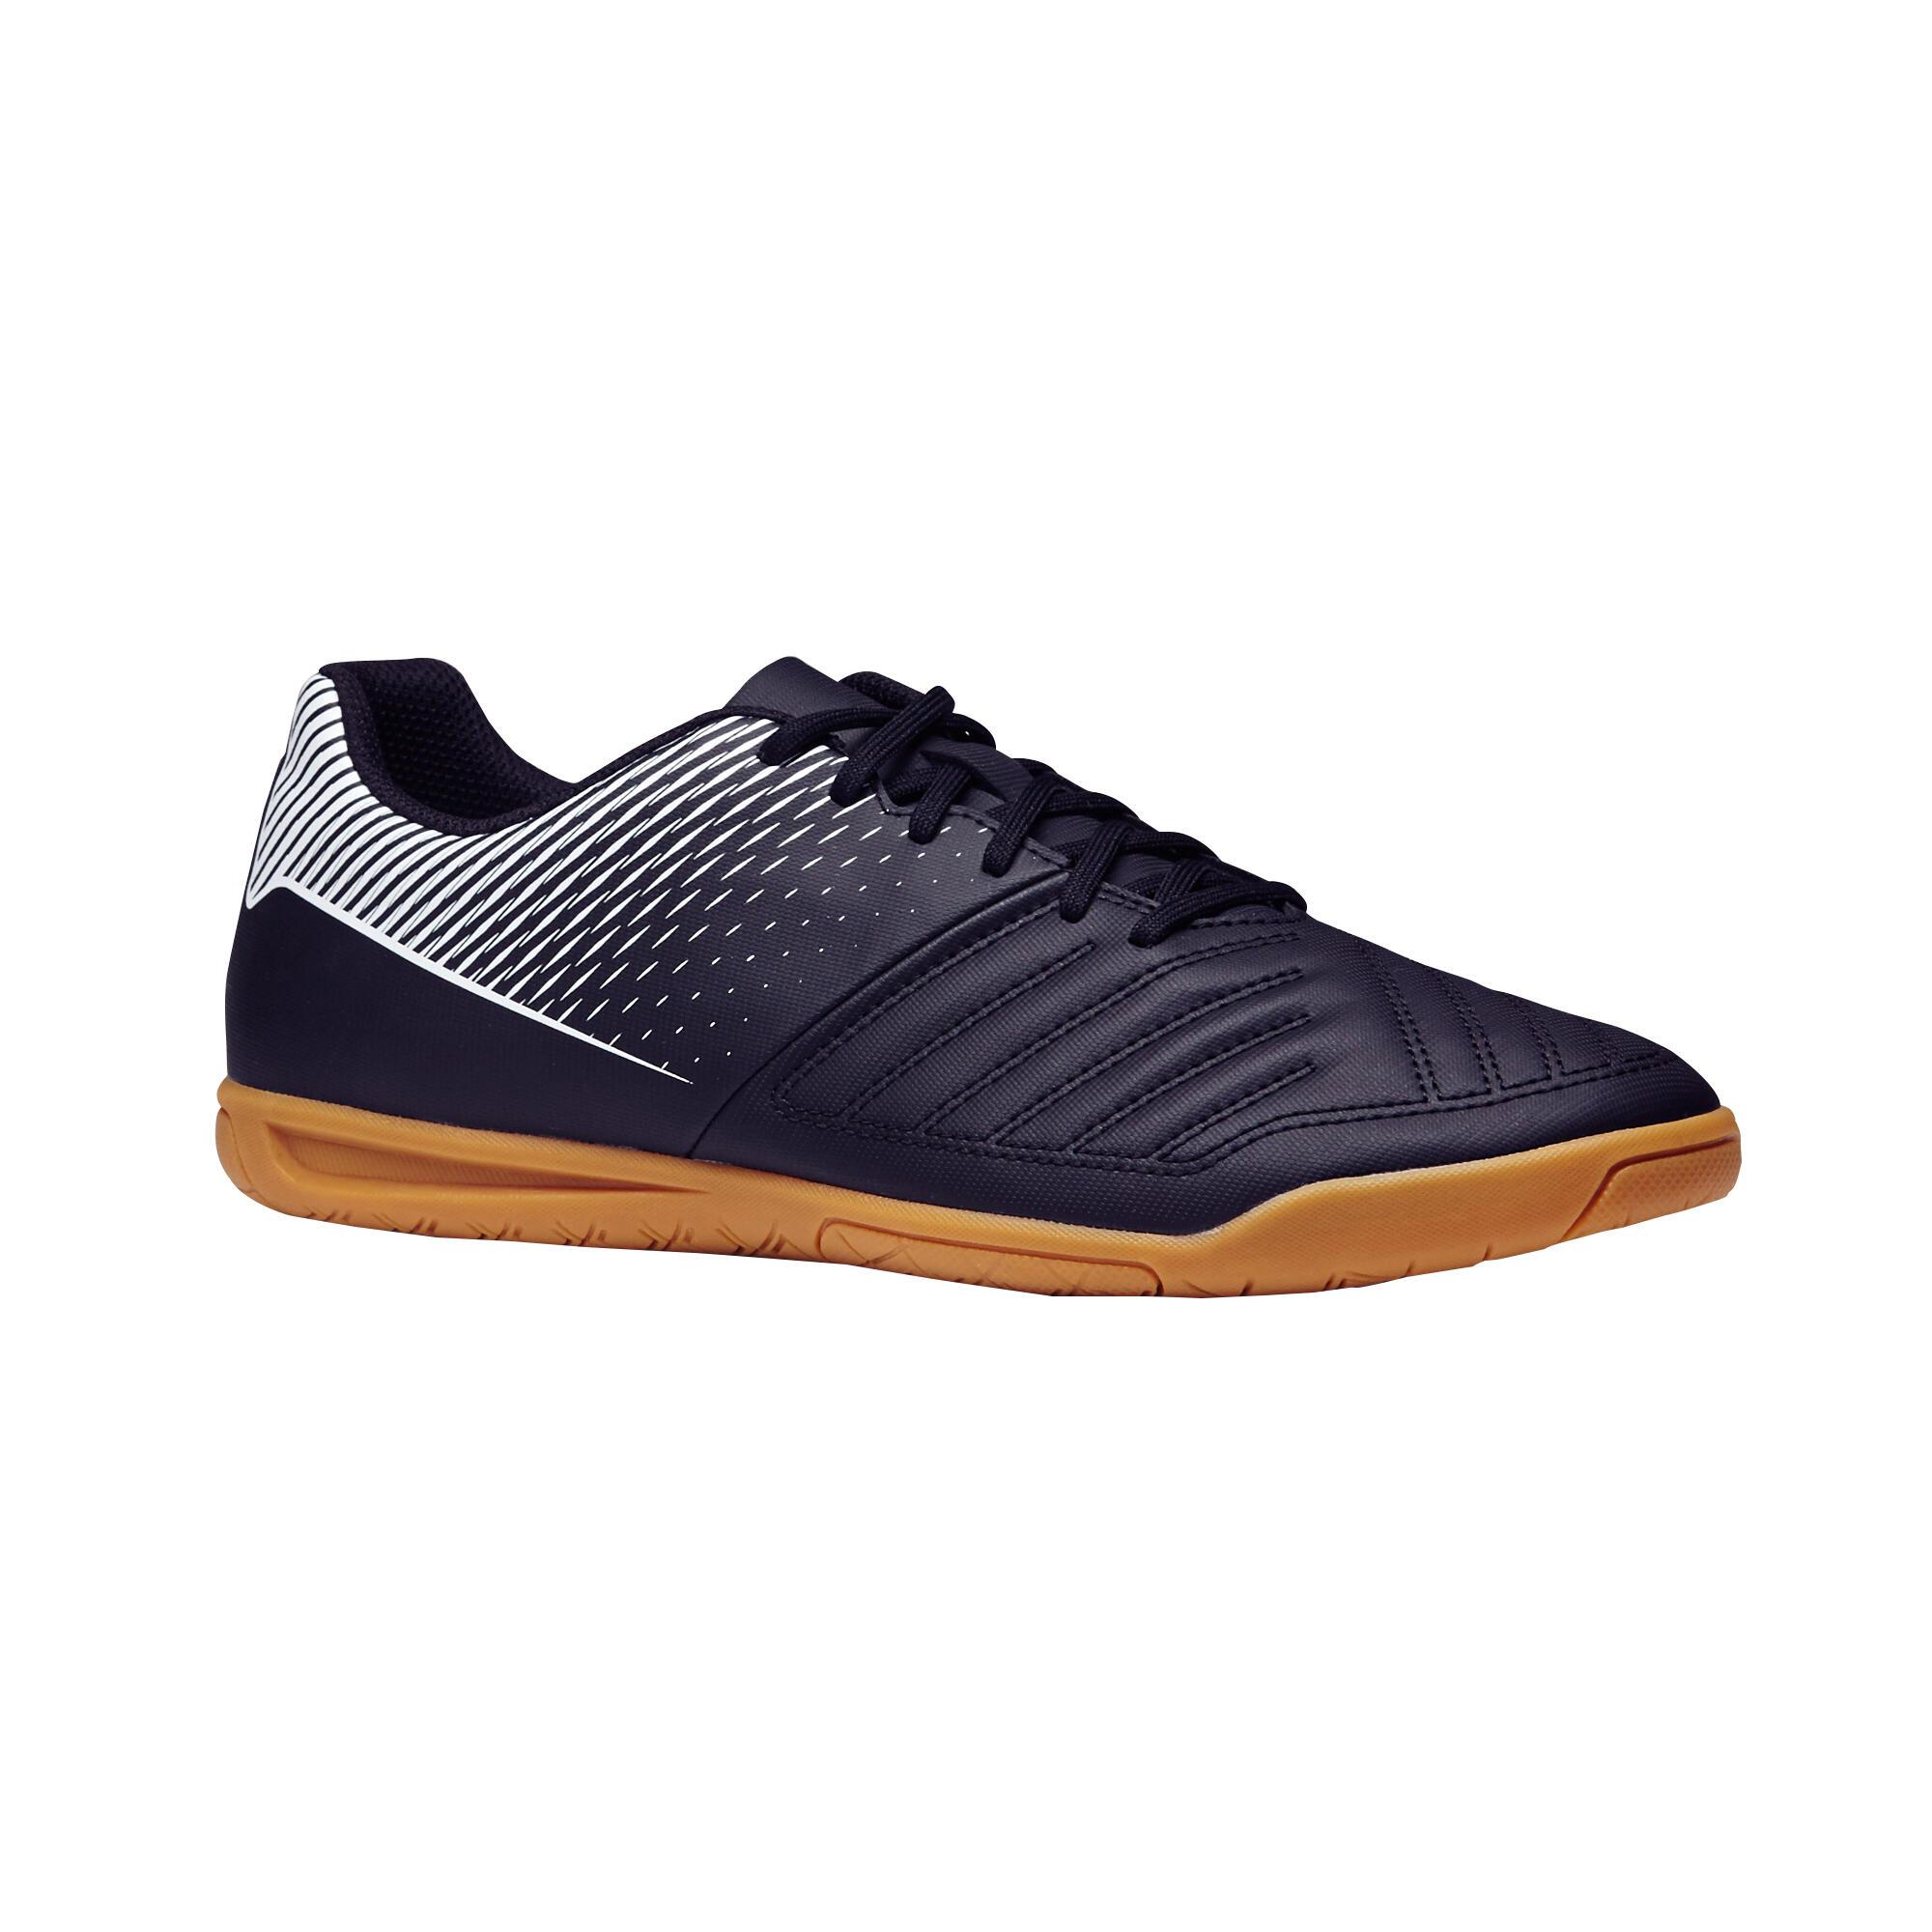 Chaussure de futsal adulte Agilité 100 sala noire jaune